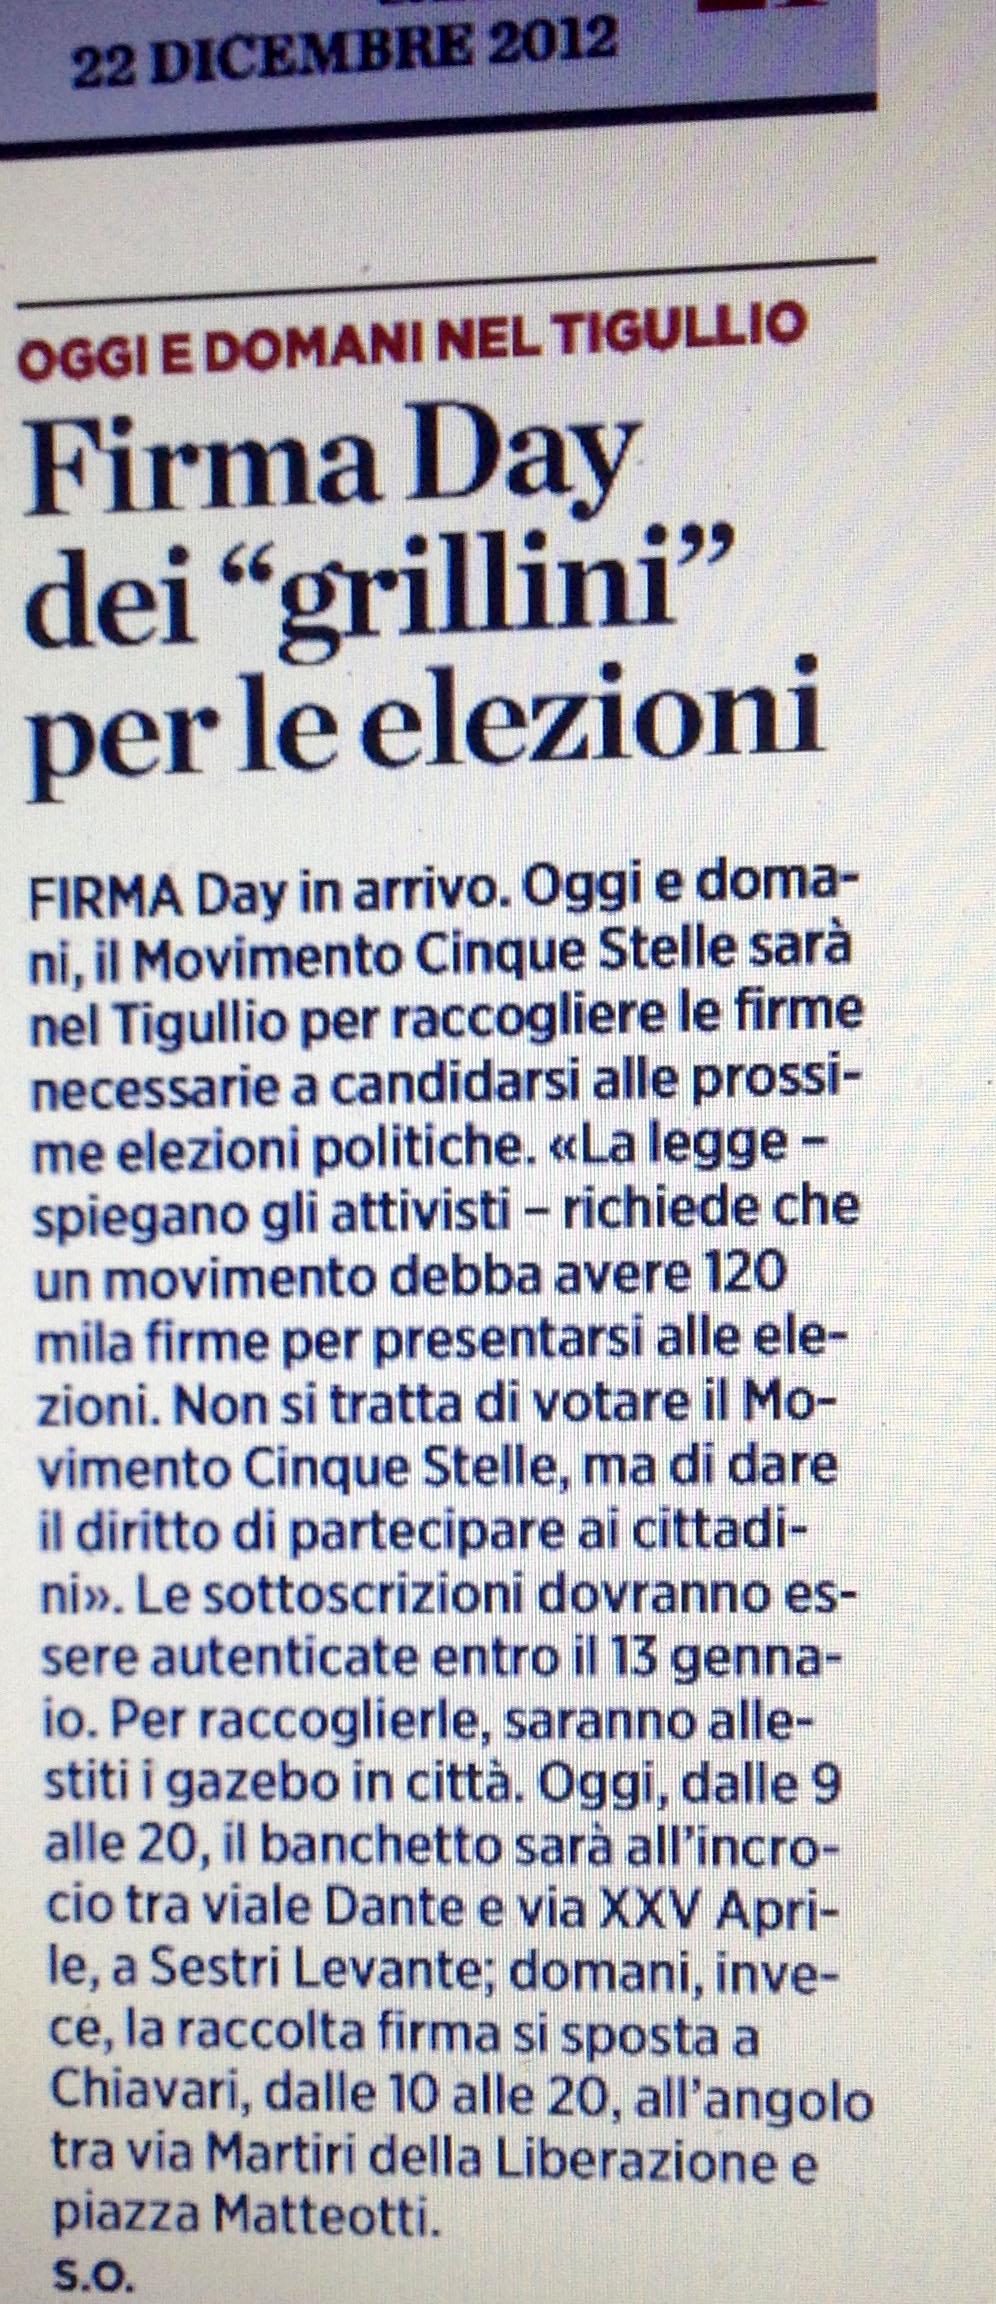 2012-12-24-firma-day-a-chiavari-per-elezioni-2